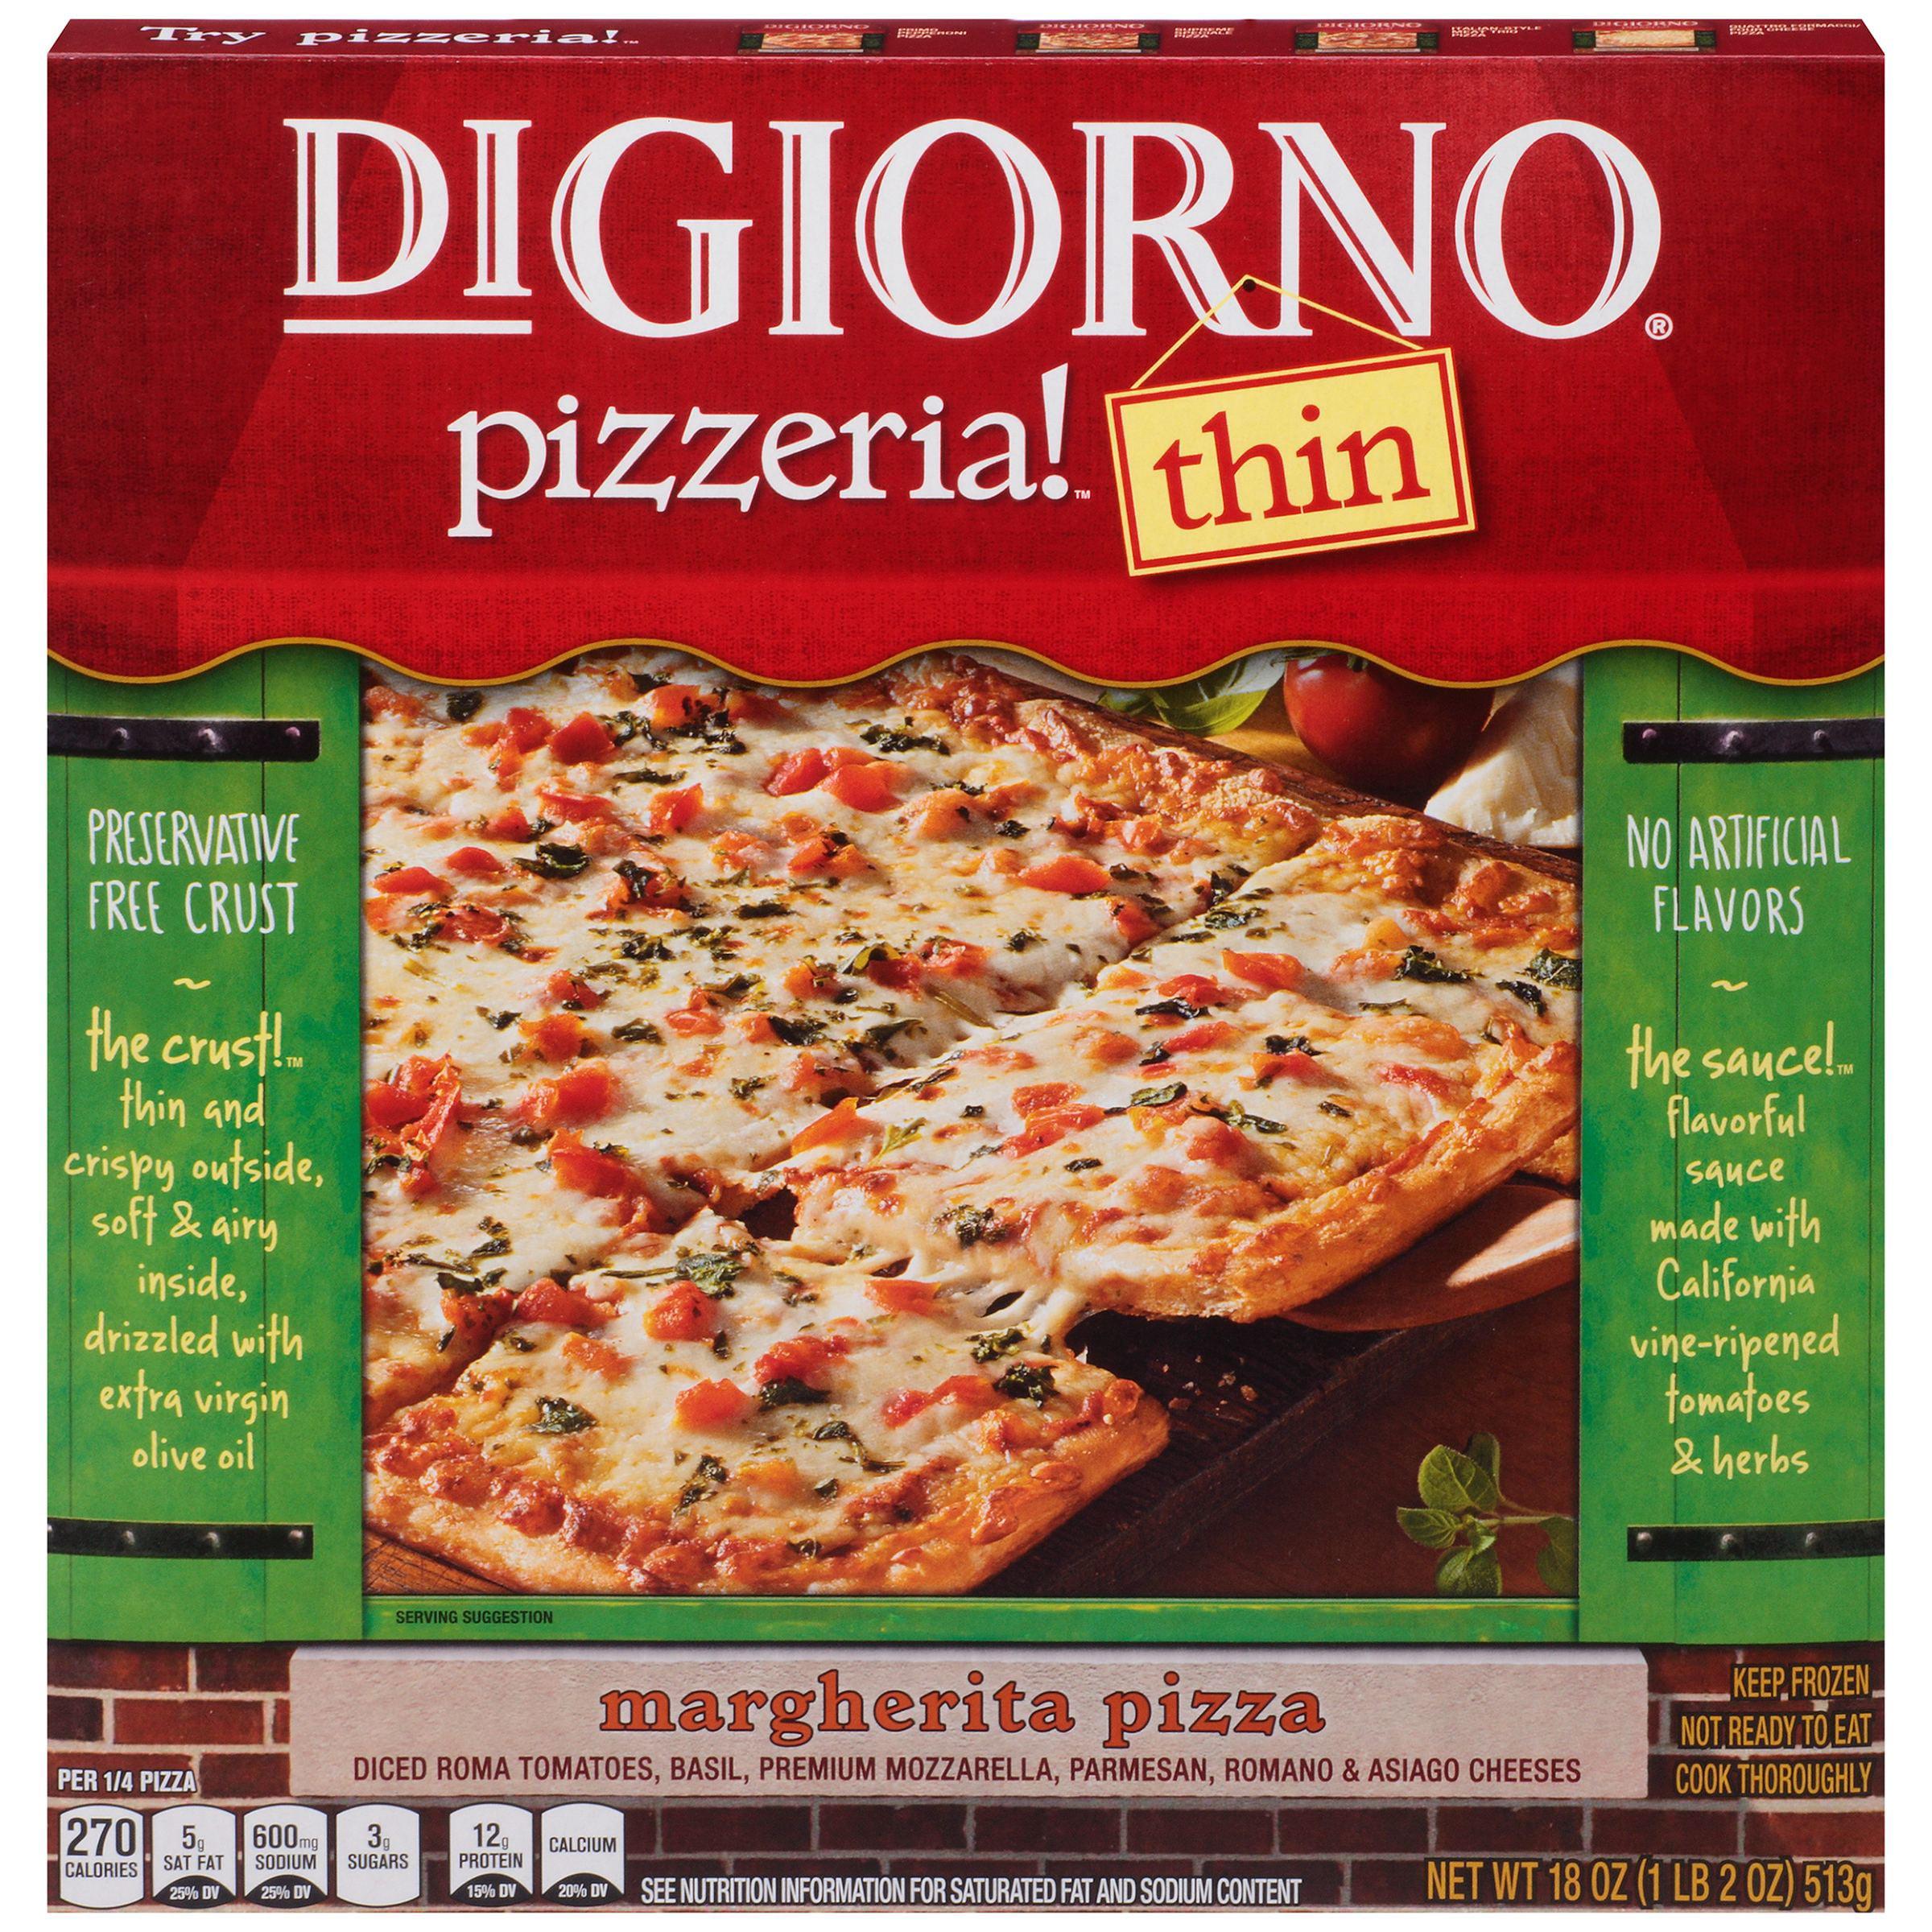 Digiorno Pizza digiorno pizzeria! thin crust margherita pizza 18 oz. box